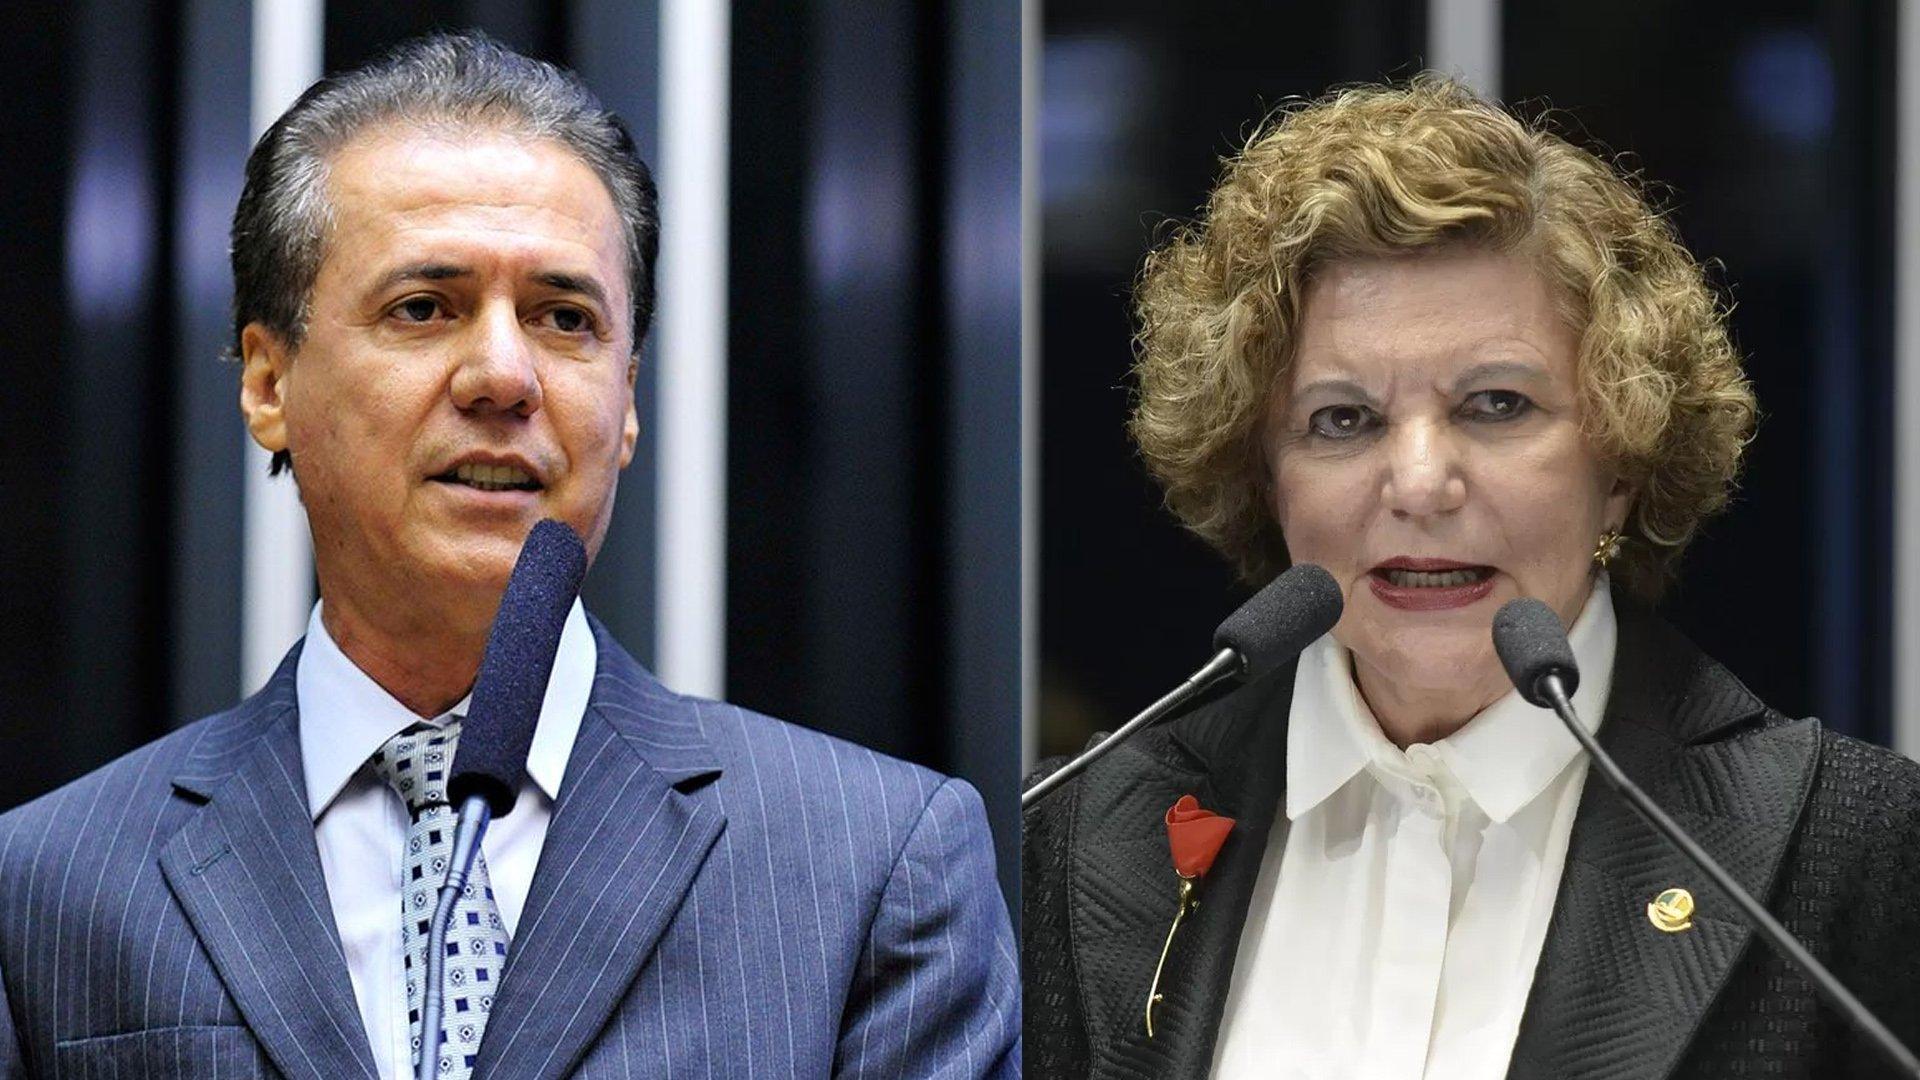 Pedro Chaves e Lúcia Vânia são pré-candidatos ao Senado | Foto: Reprodução